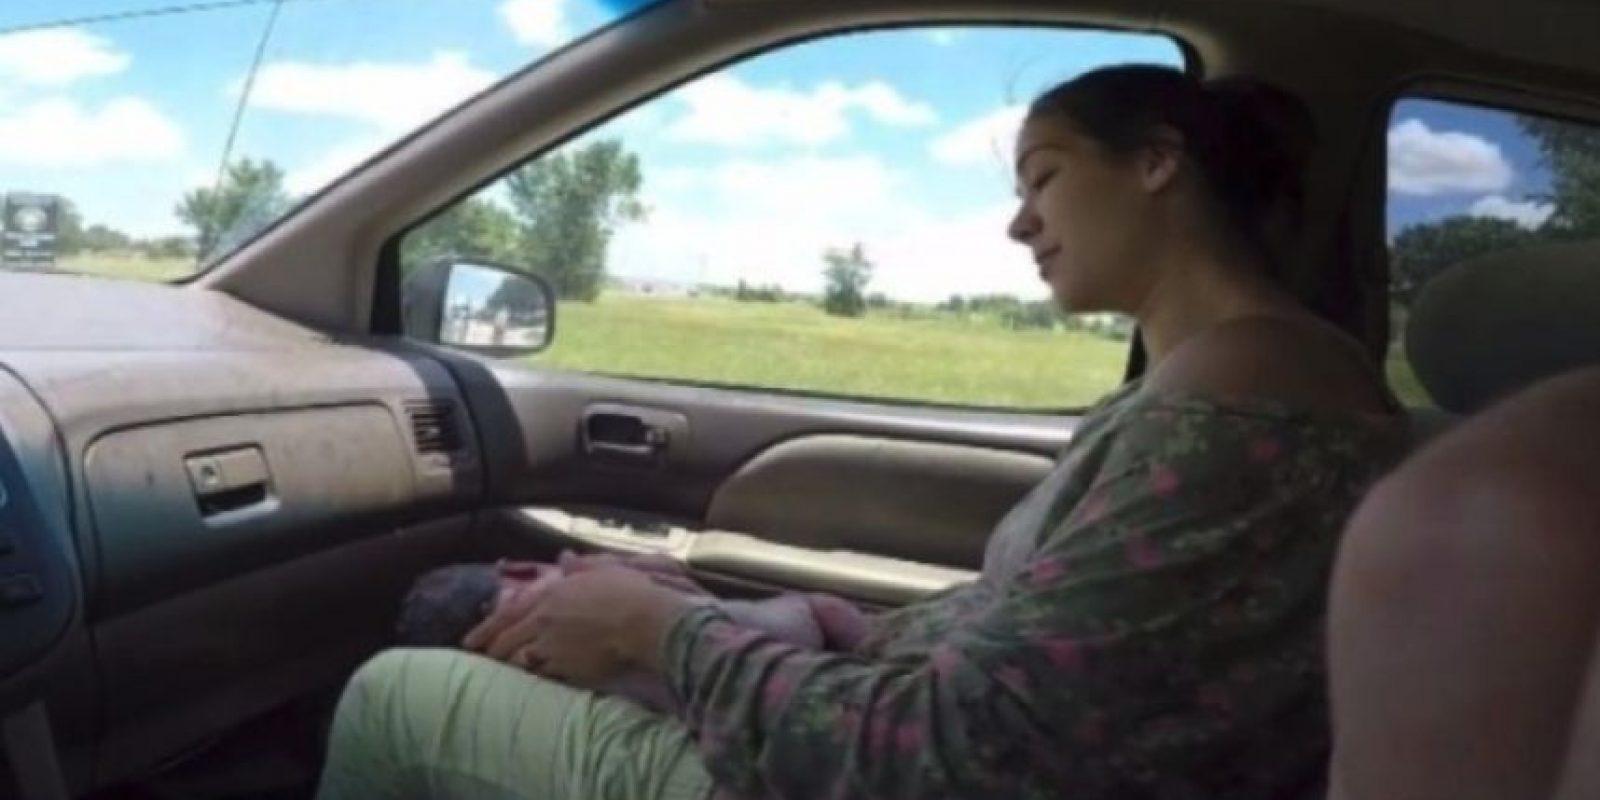 """""""¡Está saliendo! ¡Sácame el cinturón! ¡Dios, el bebé está afuera! ¡Acabamos de tener un bebé! ¡Es un niño! ¡Es un niño!"""", gritaba la mujer al recibir a su hijo. Foto: YouTube/i8thacookies"""